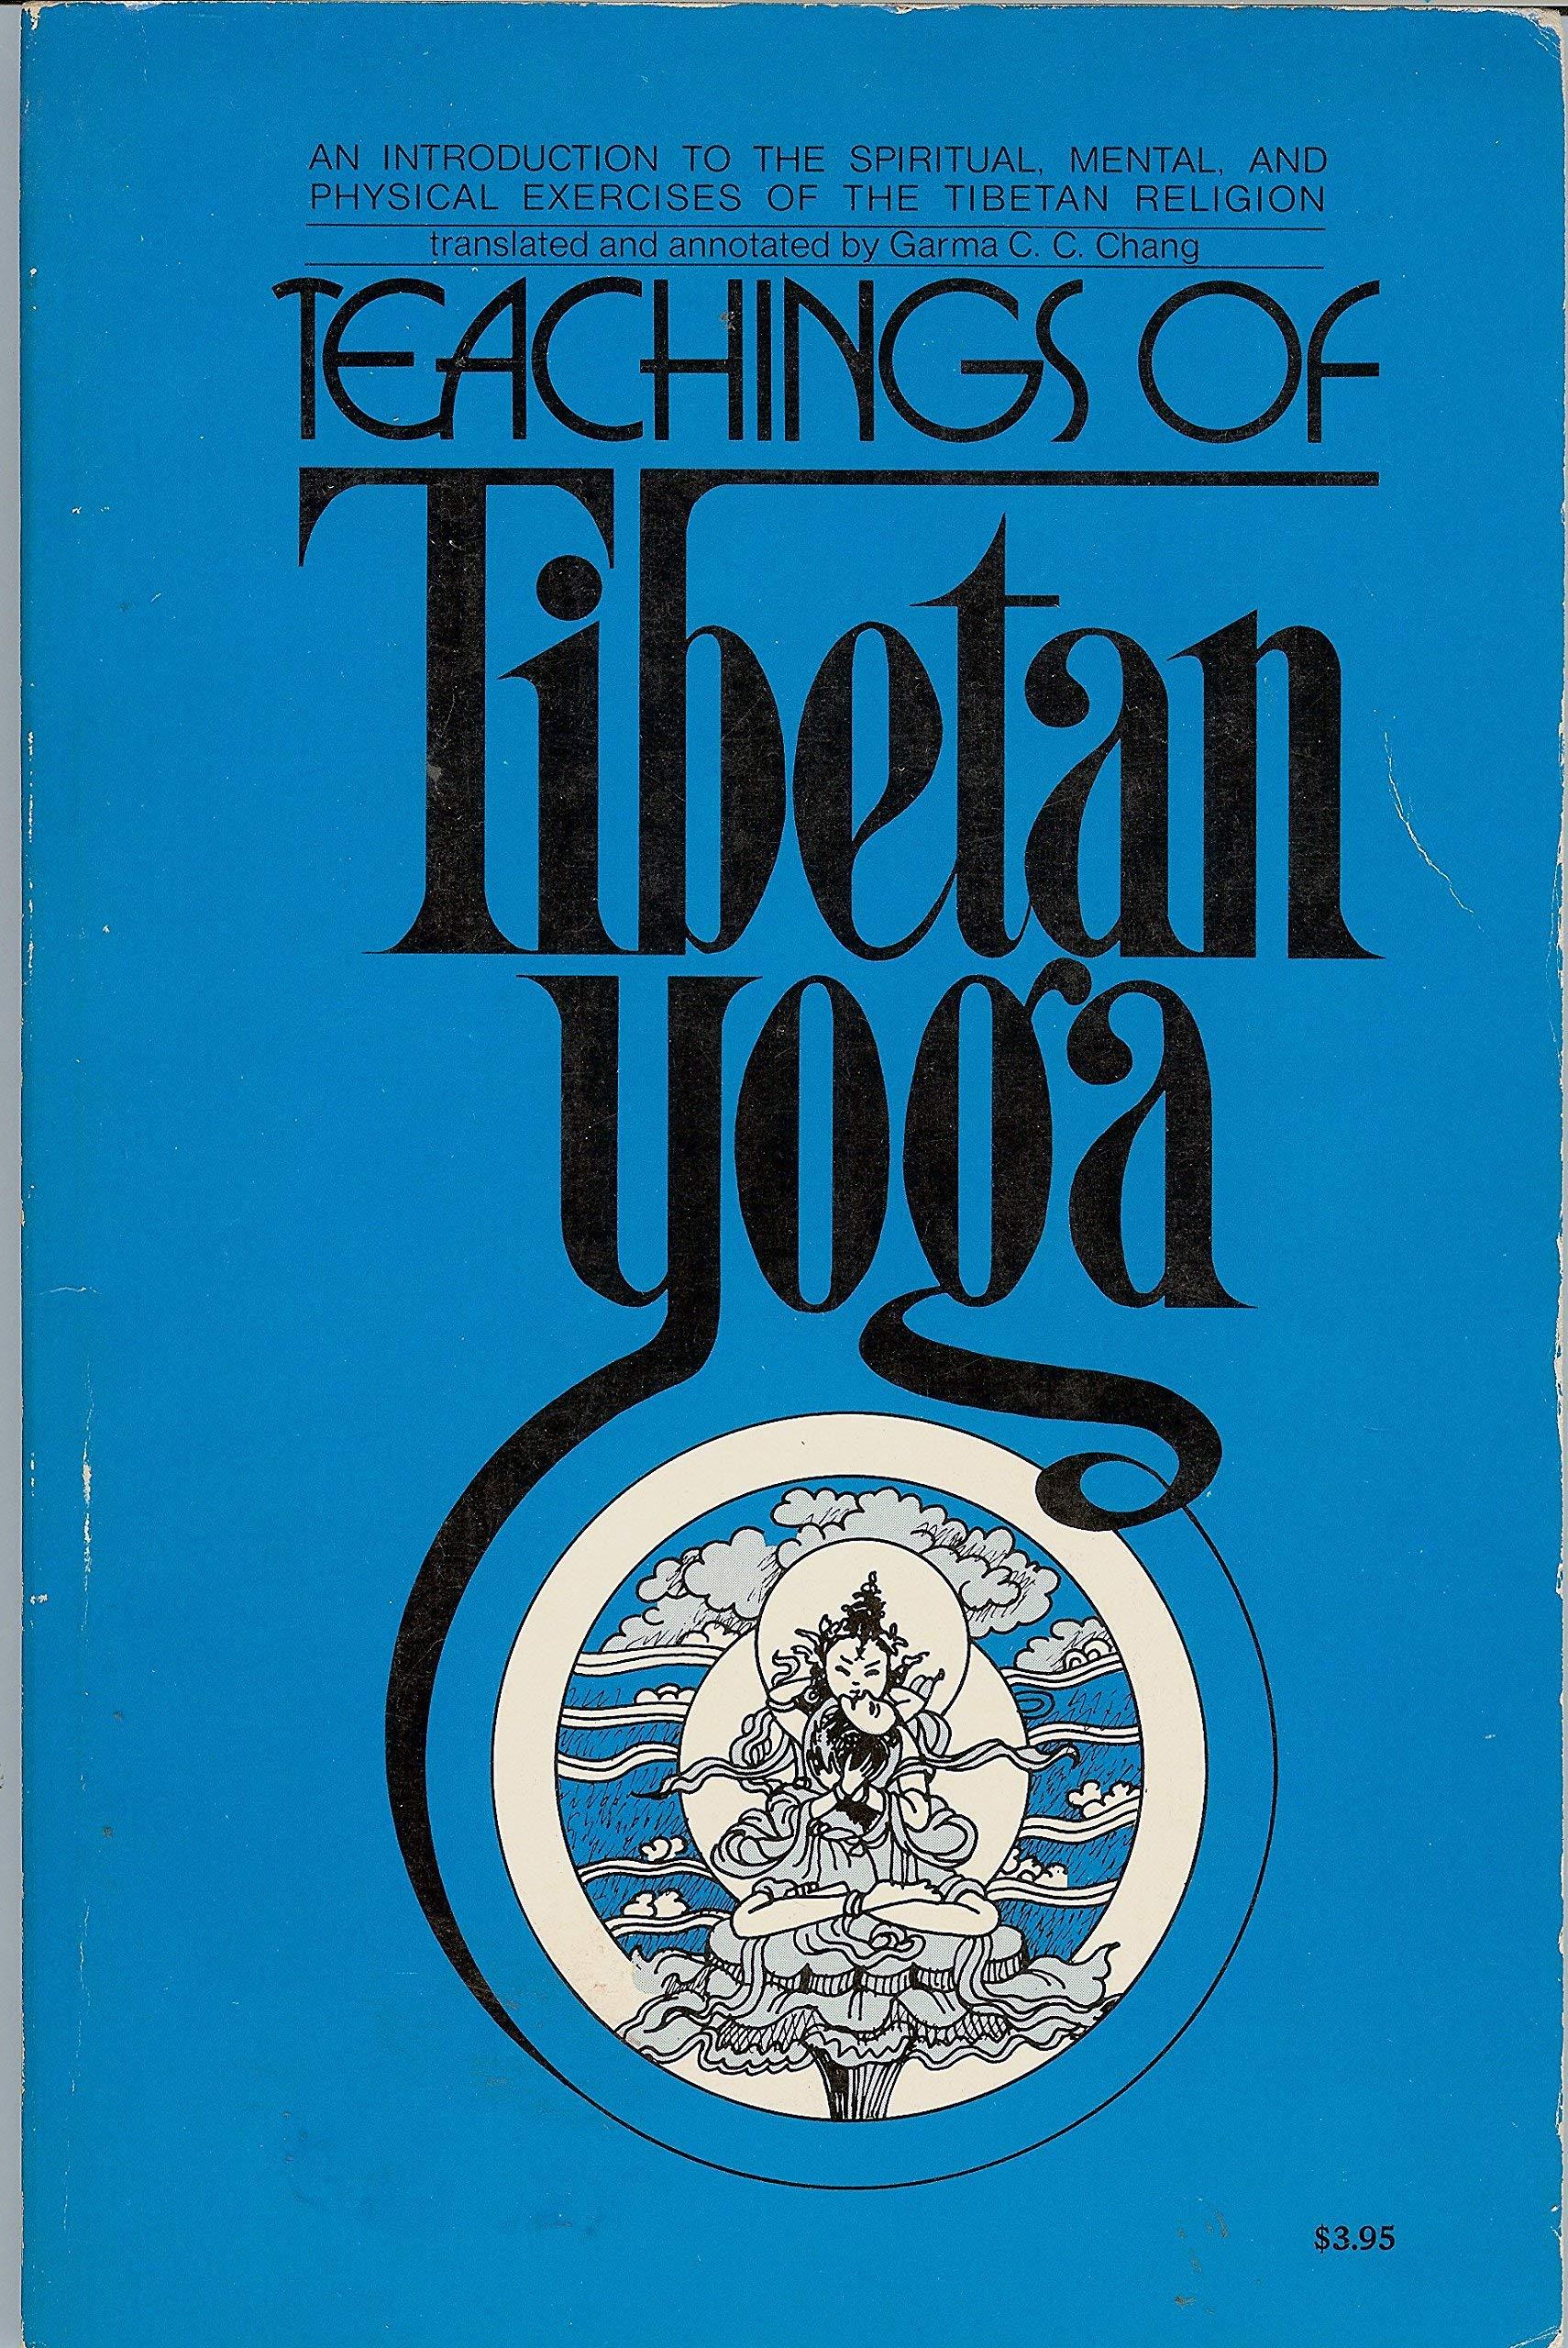 The Teachings Of Tibetan Yoga